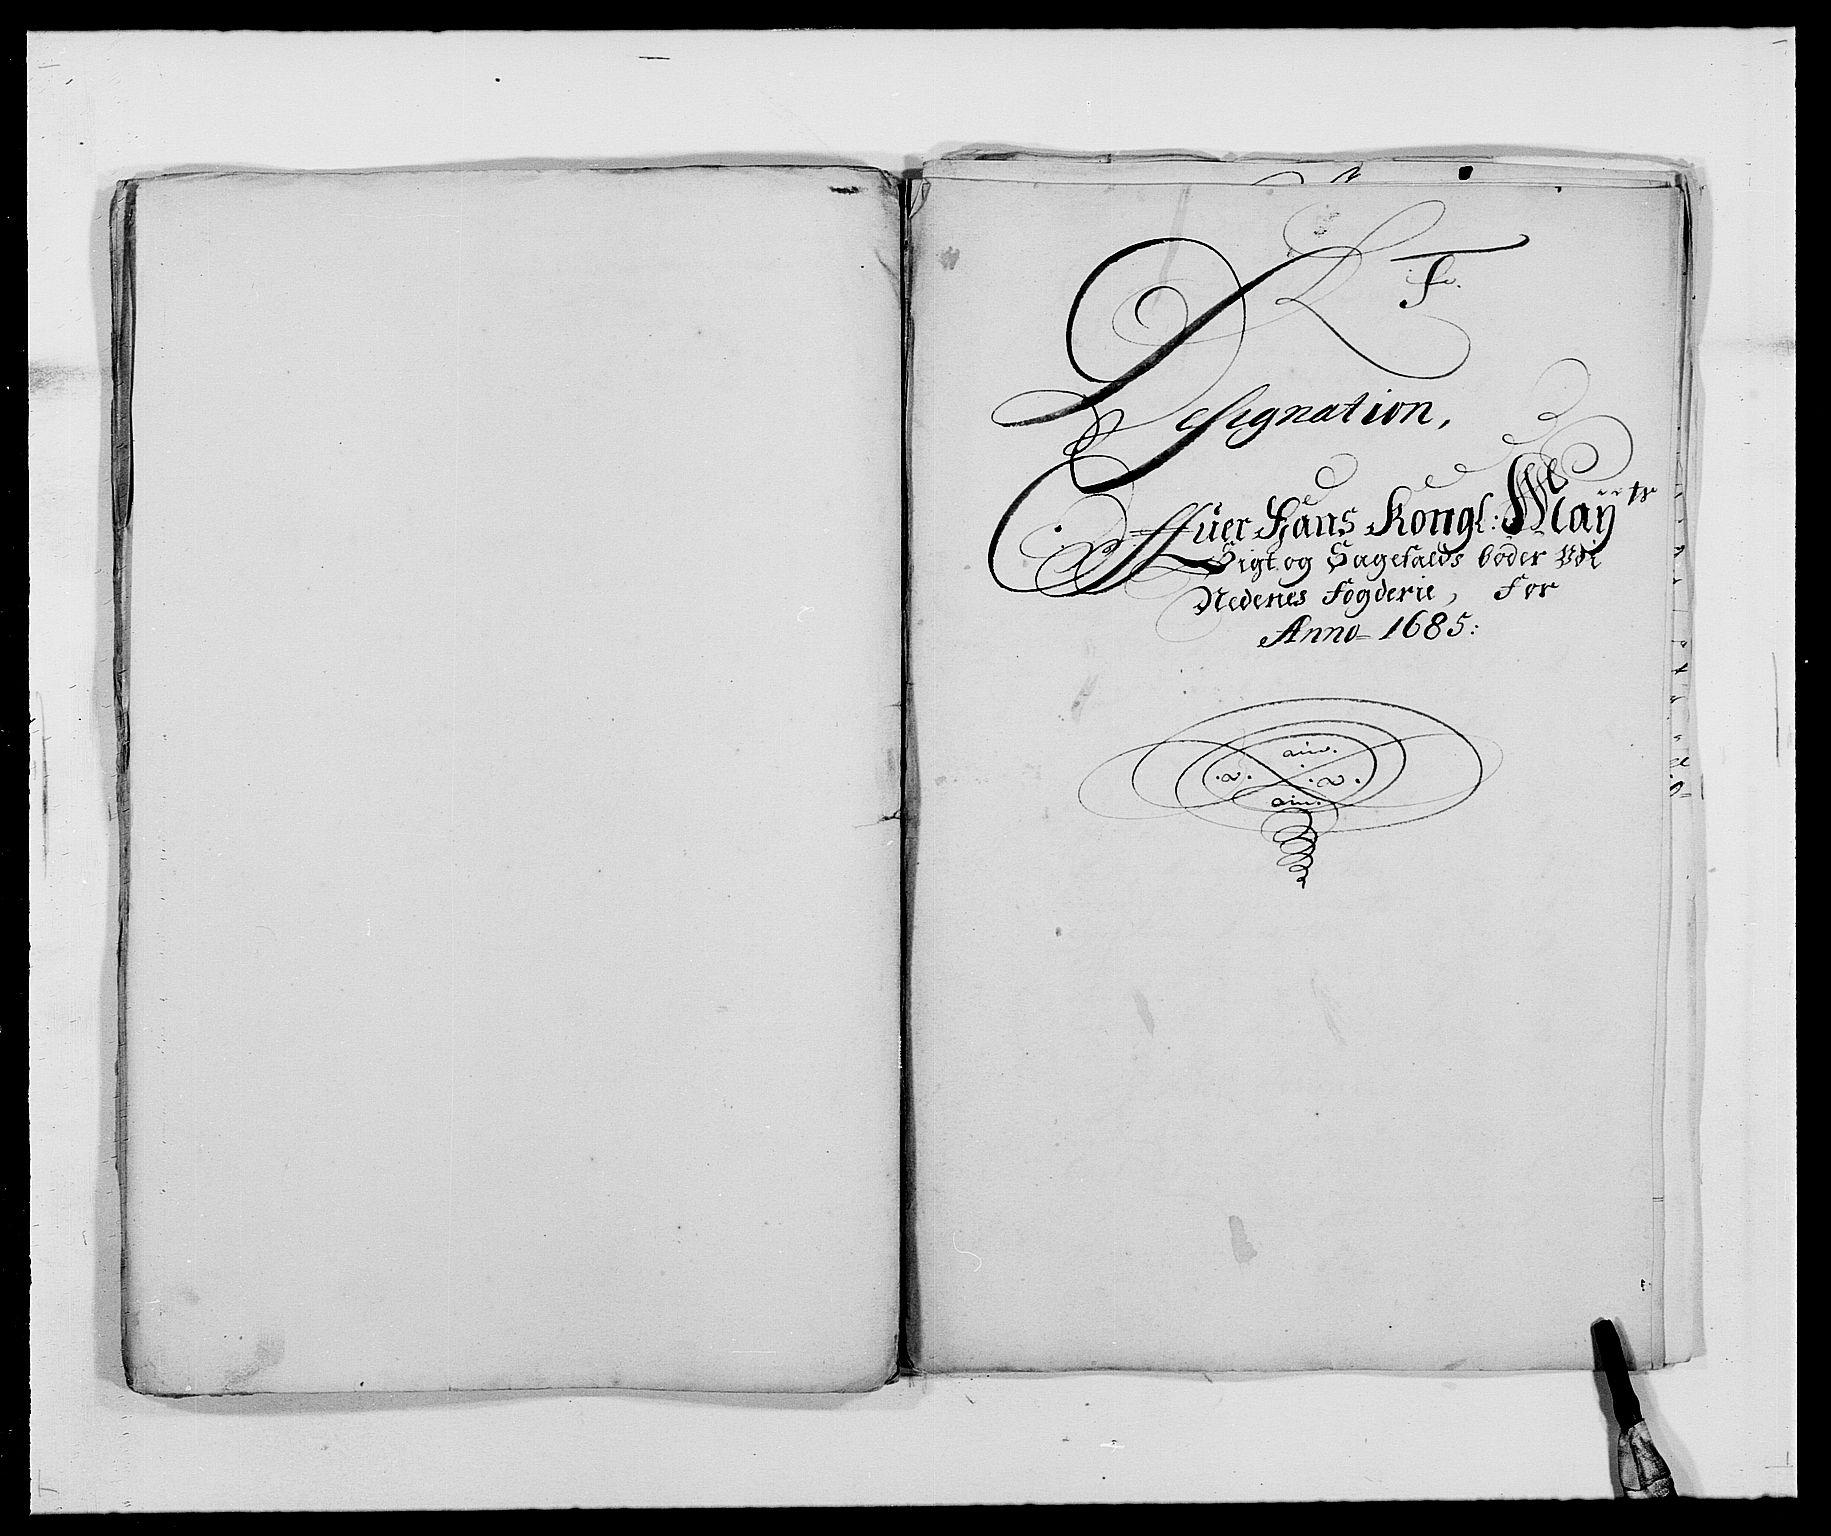 RA, Rentekammeret inntil 1814, Reviderte regnskaper, Fogderegnskap, R39/L2308: Fogderegnskap Nedenes, 1684-1689, s. 203